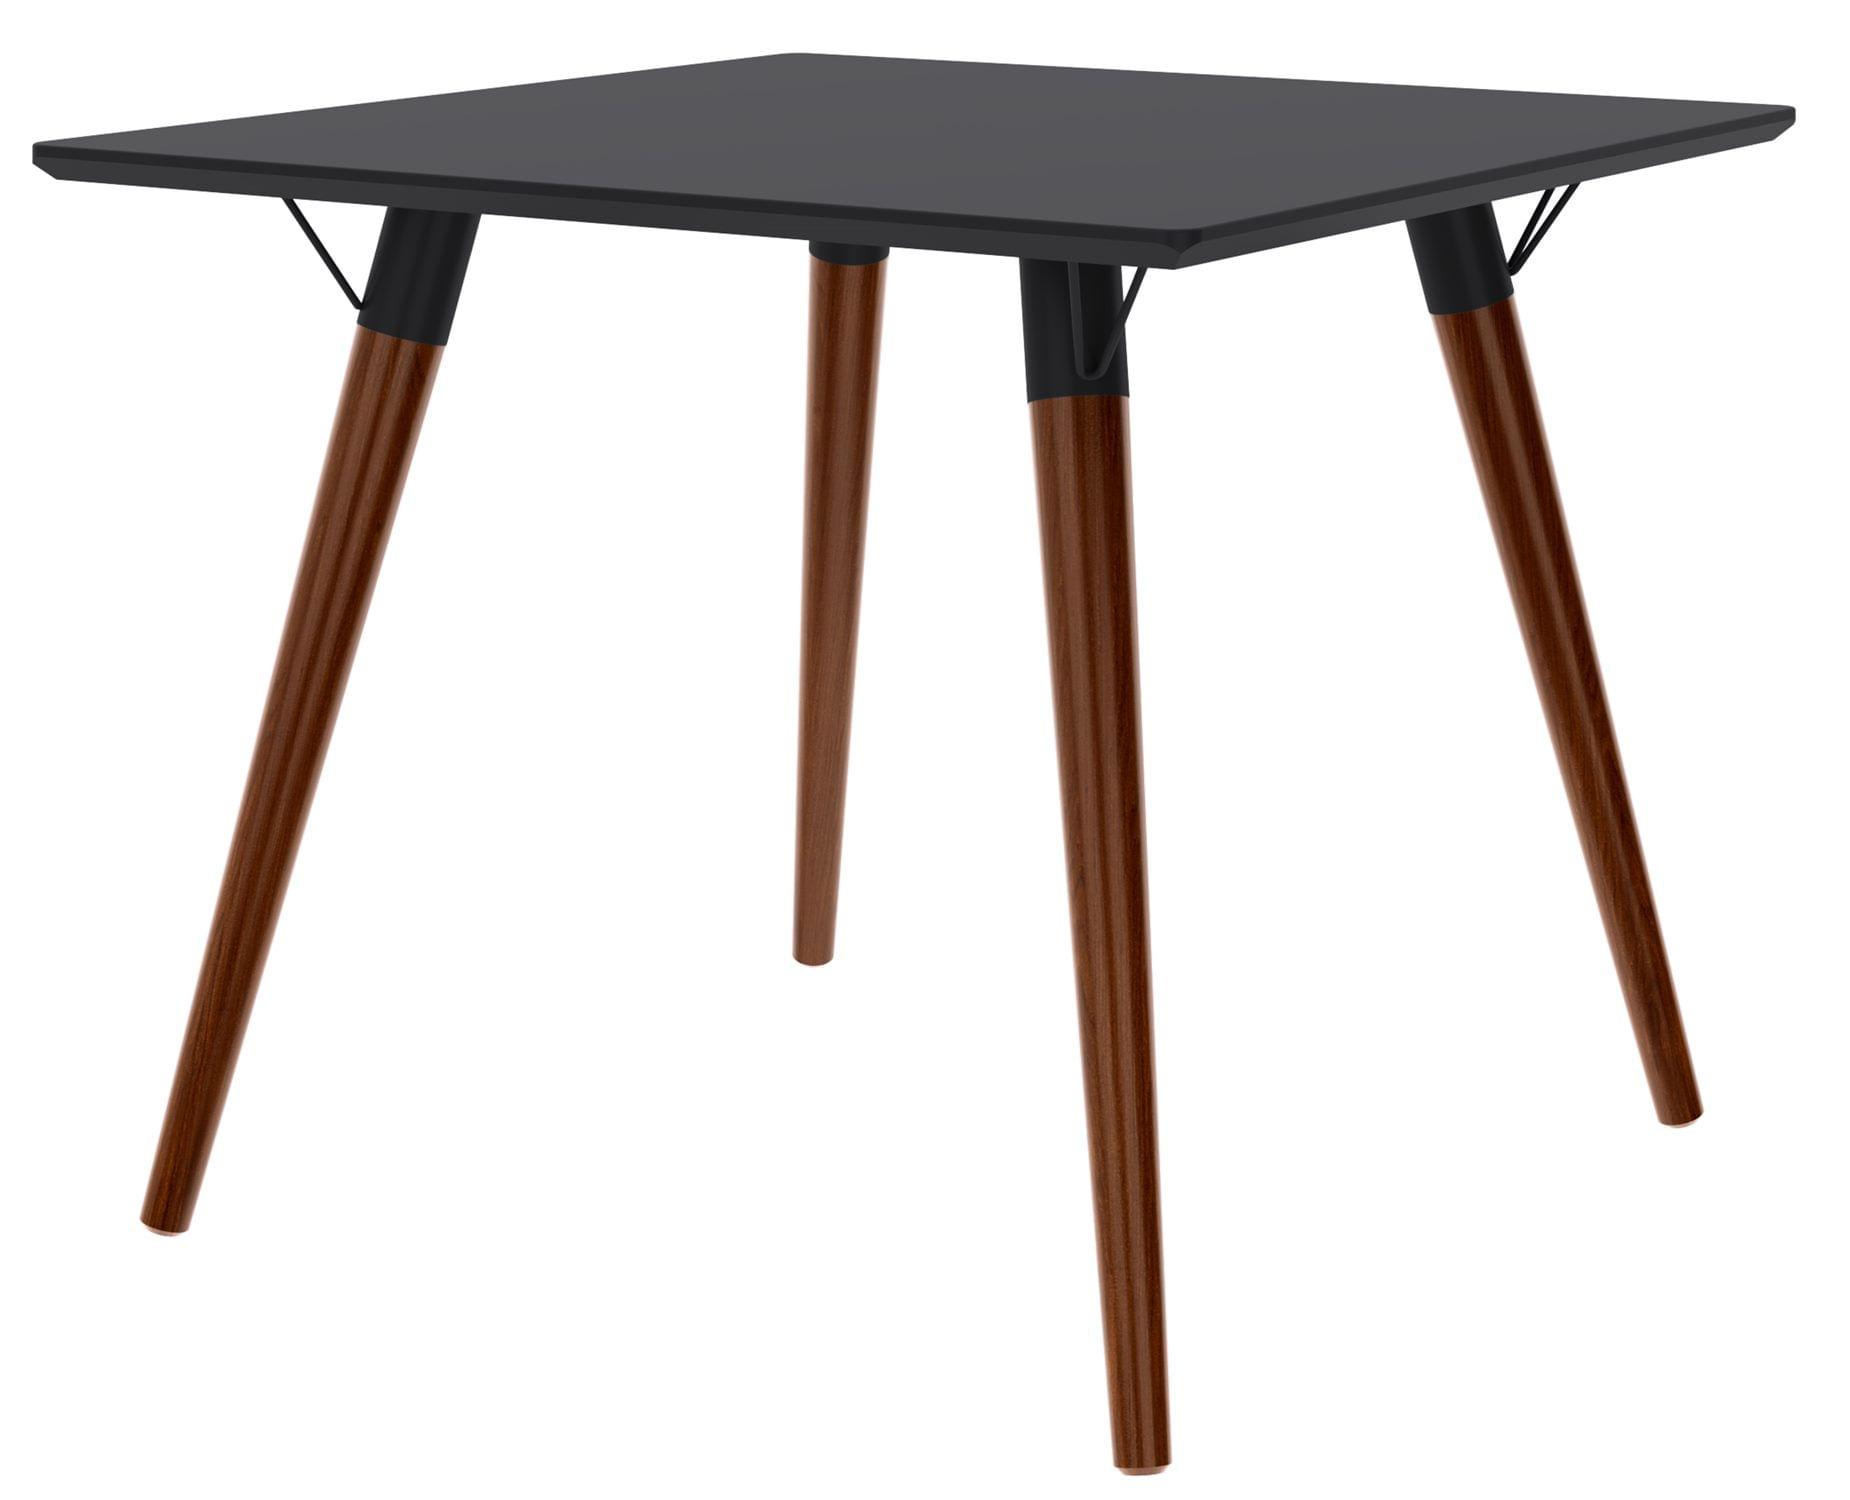 Mesa Jantar Quadrada Formato Tampo Preto Fosco com Pes Escuros 90 cm  - 50601